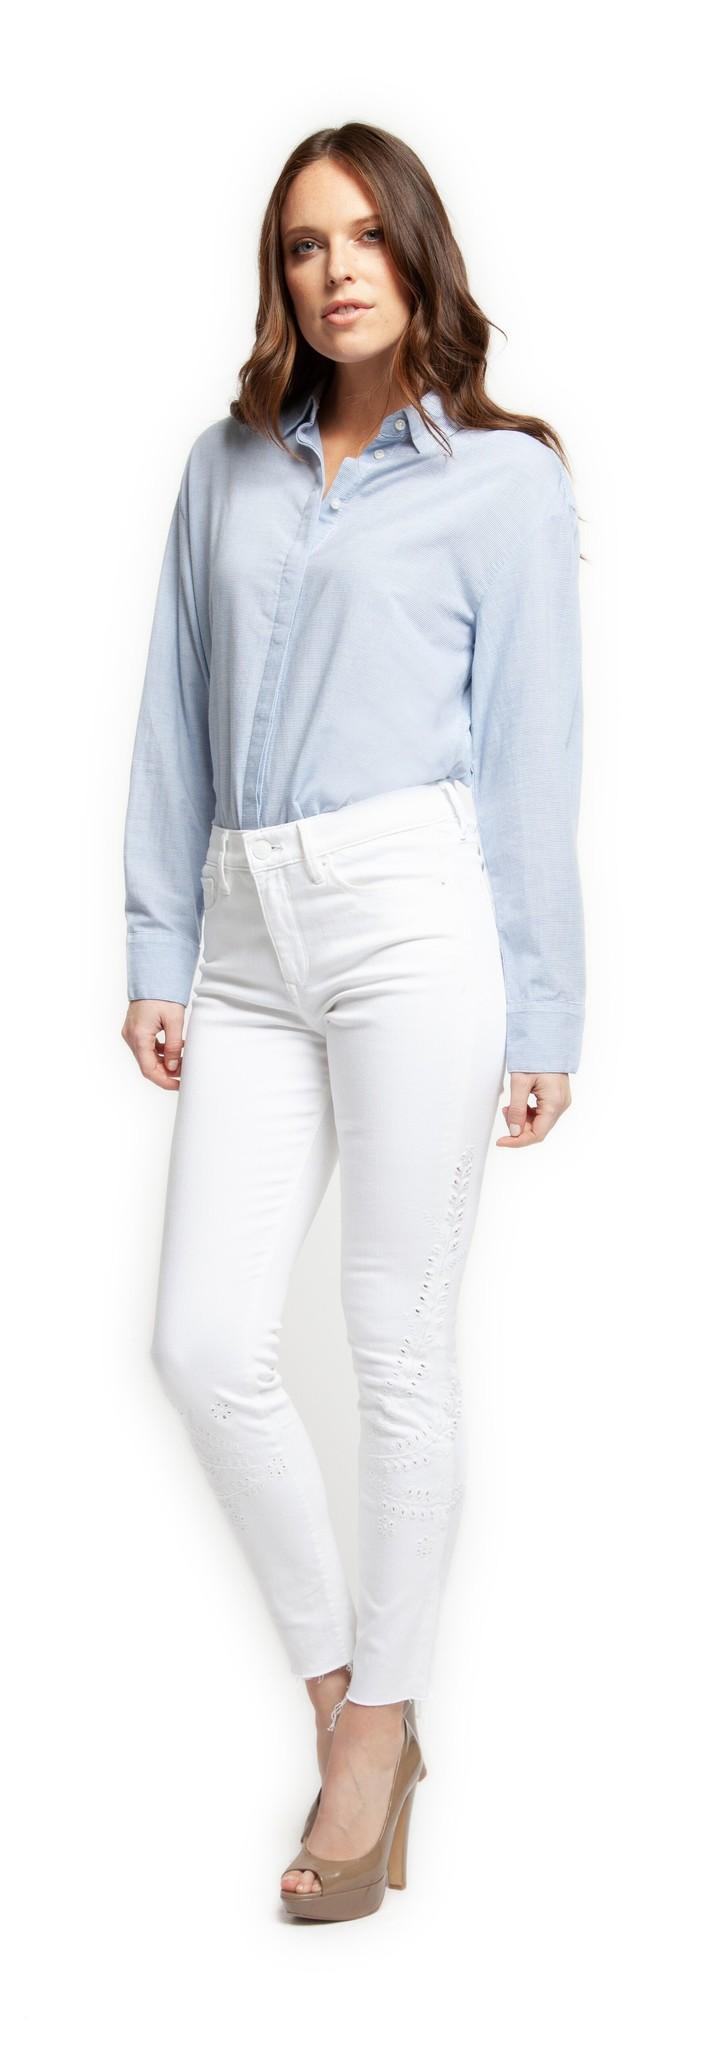 Black Tape Denim Mid Rise Embriodered Jeans w/ Raw Hem